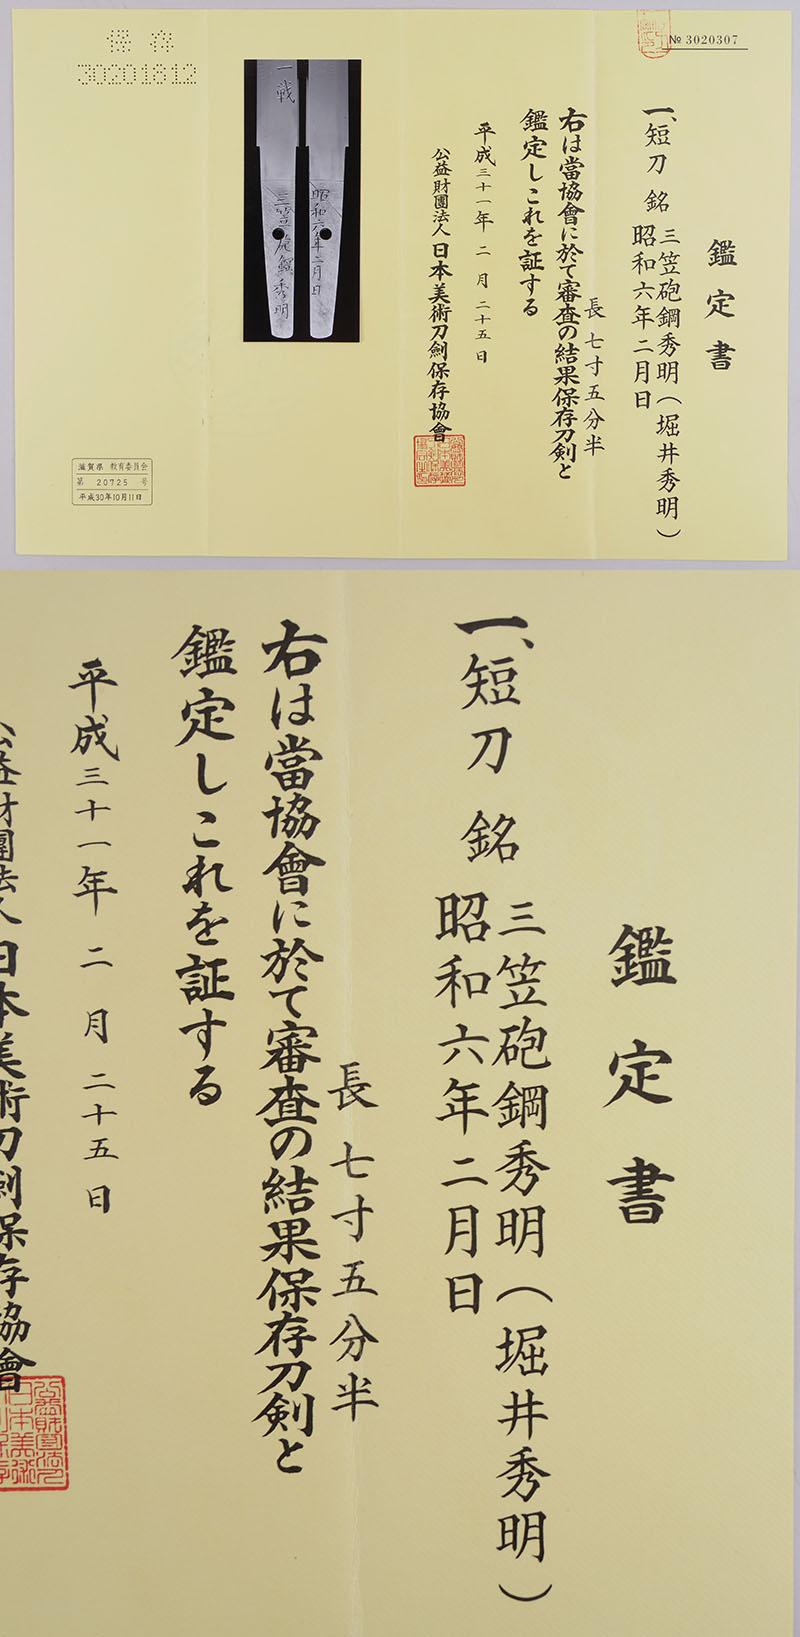 三笠砲鋼秀明(三笠刀)(堀井秀明)鑑定書画像